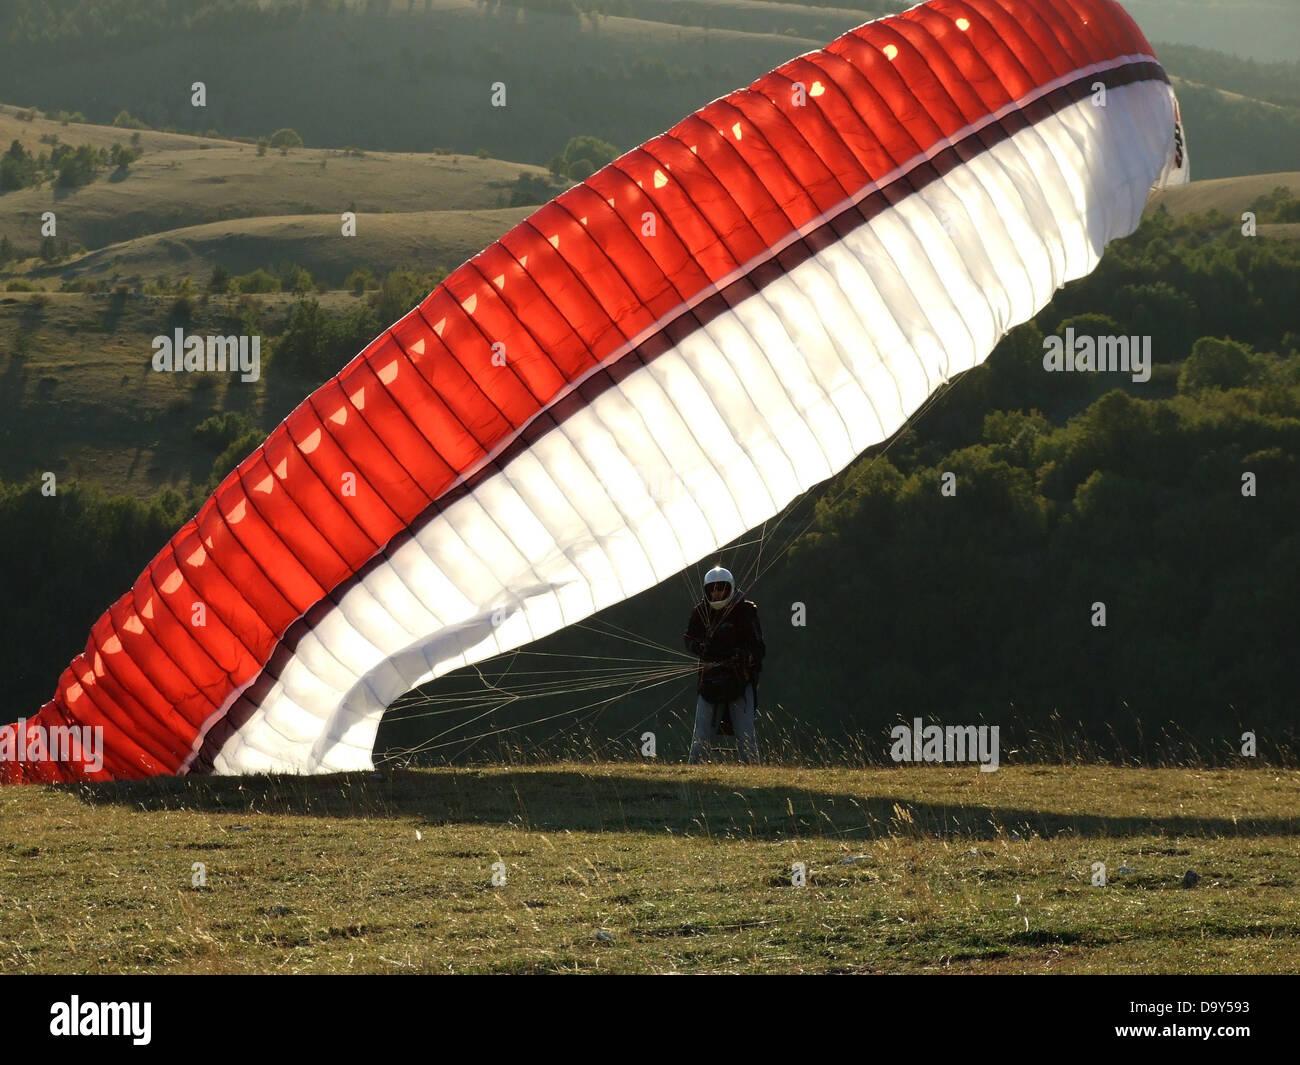 Paracaídas parapente deporte extremo deporte viento Imagen De Stock